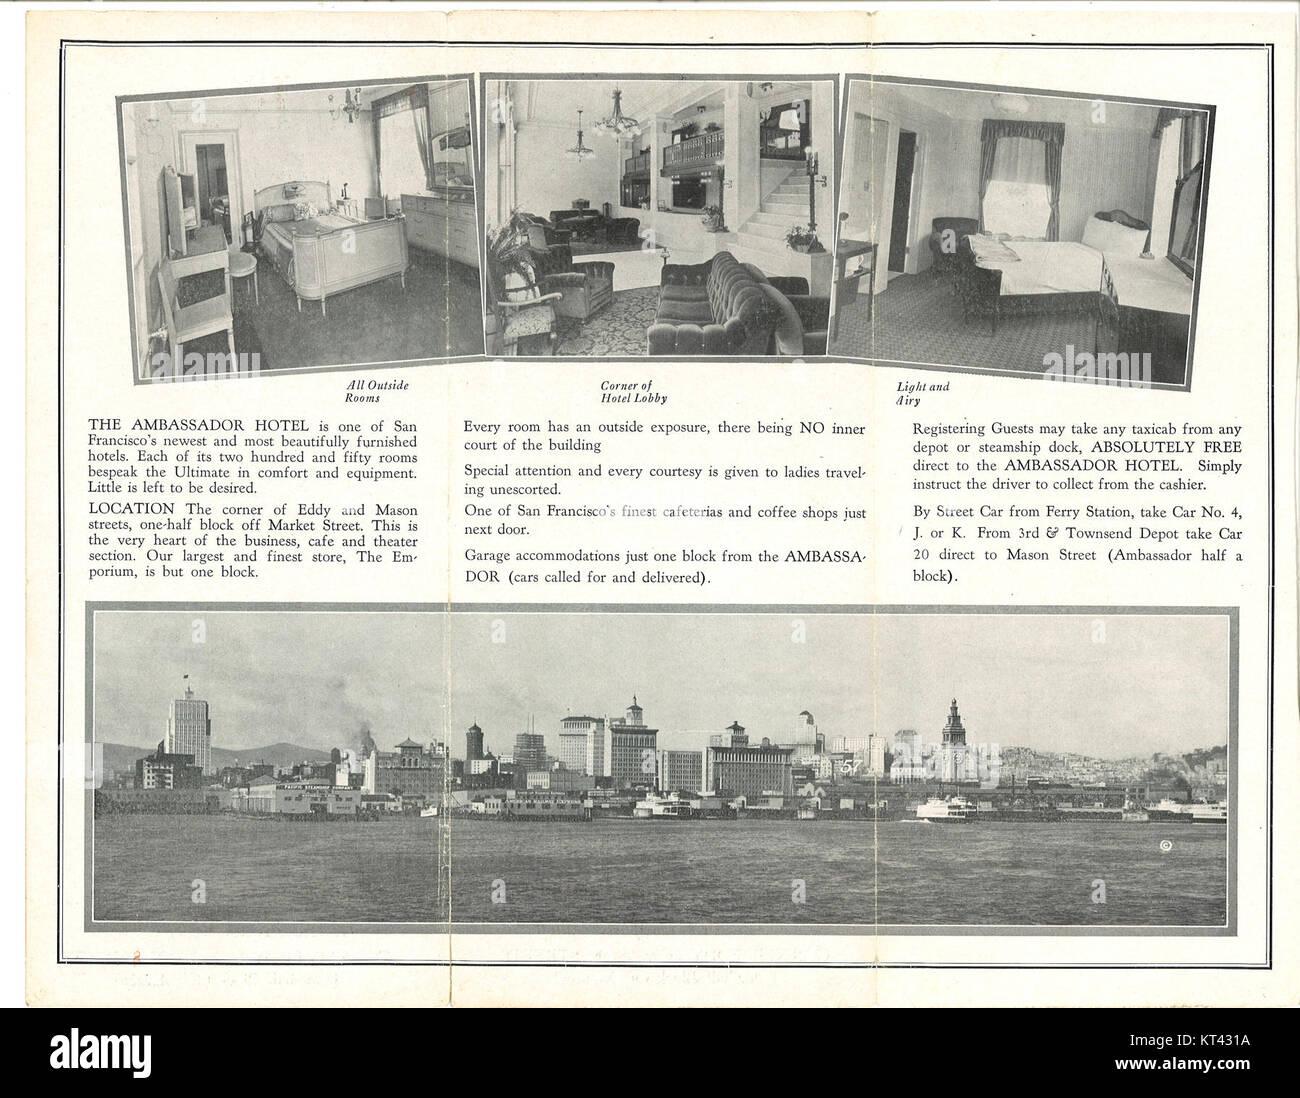 Ambassador Hotel 1930 brochure side 2 - Stock Image